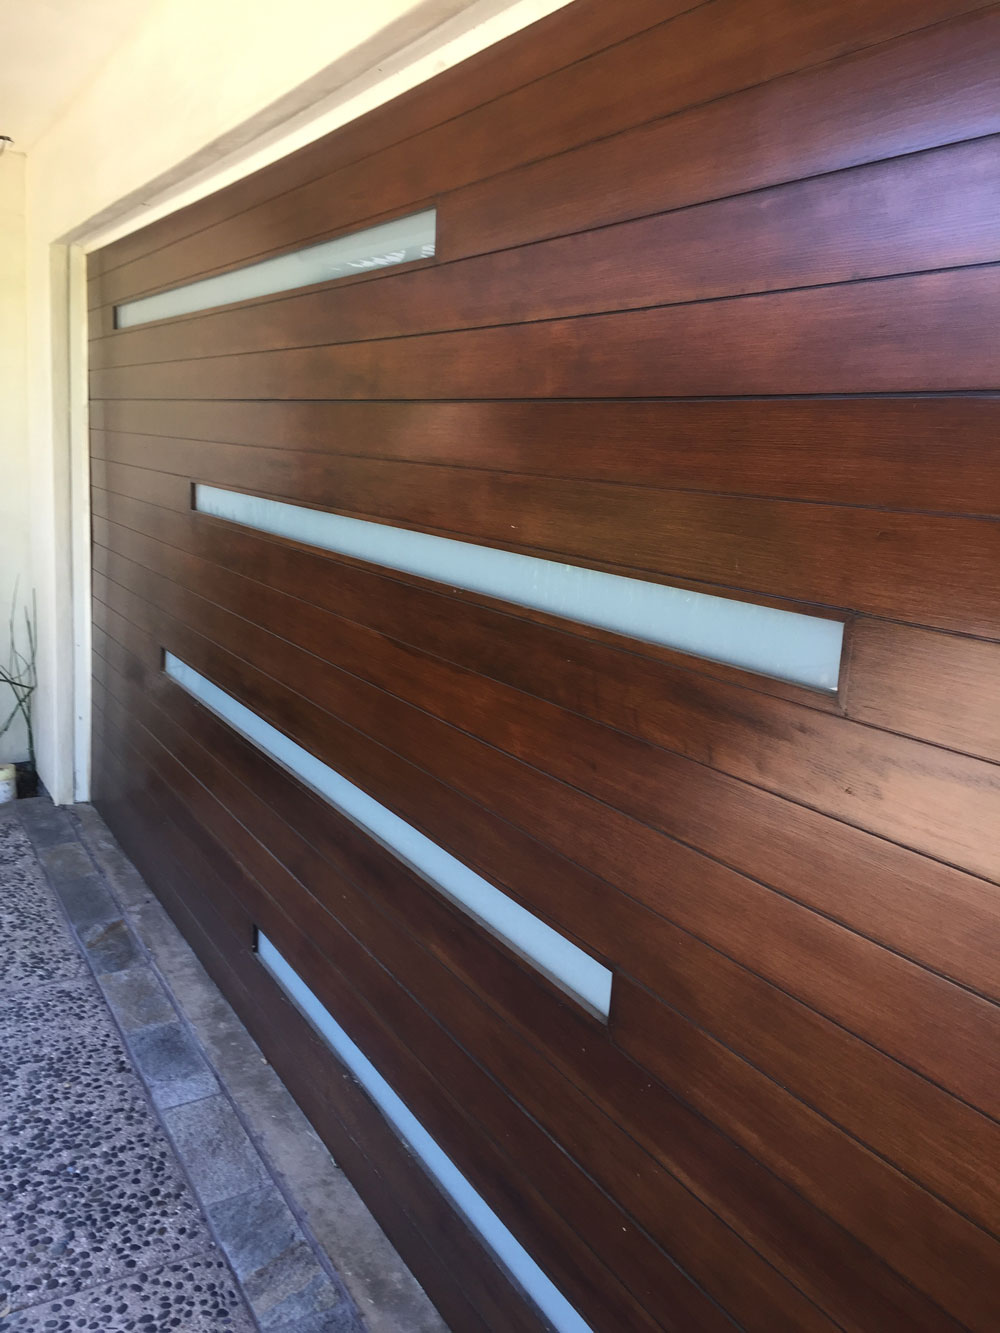 4-panel garage door design